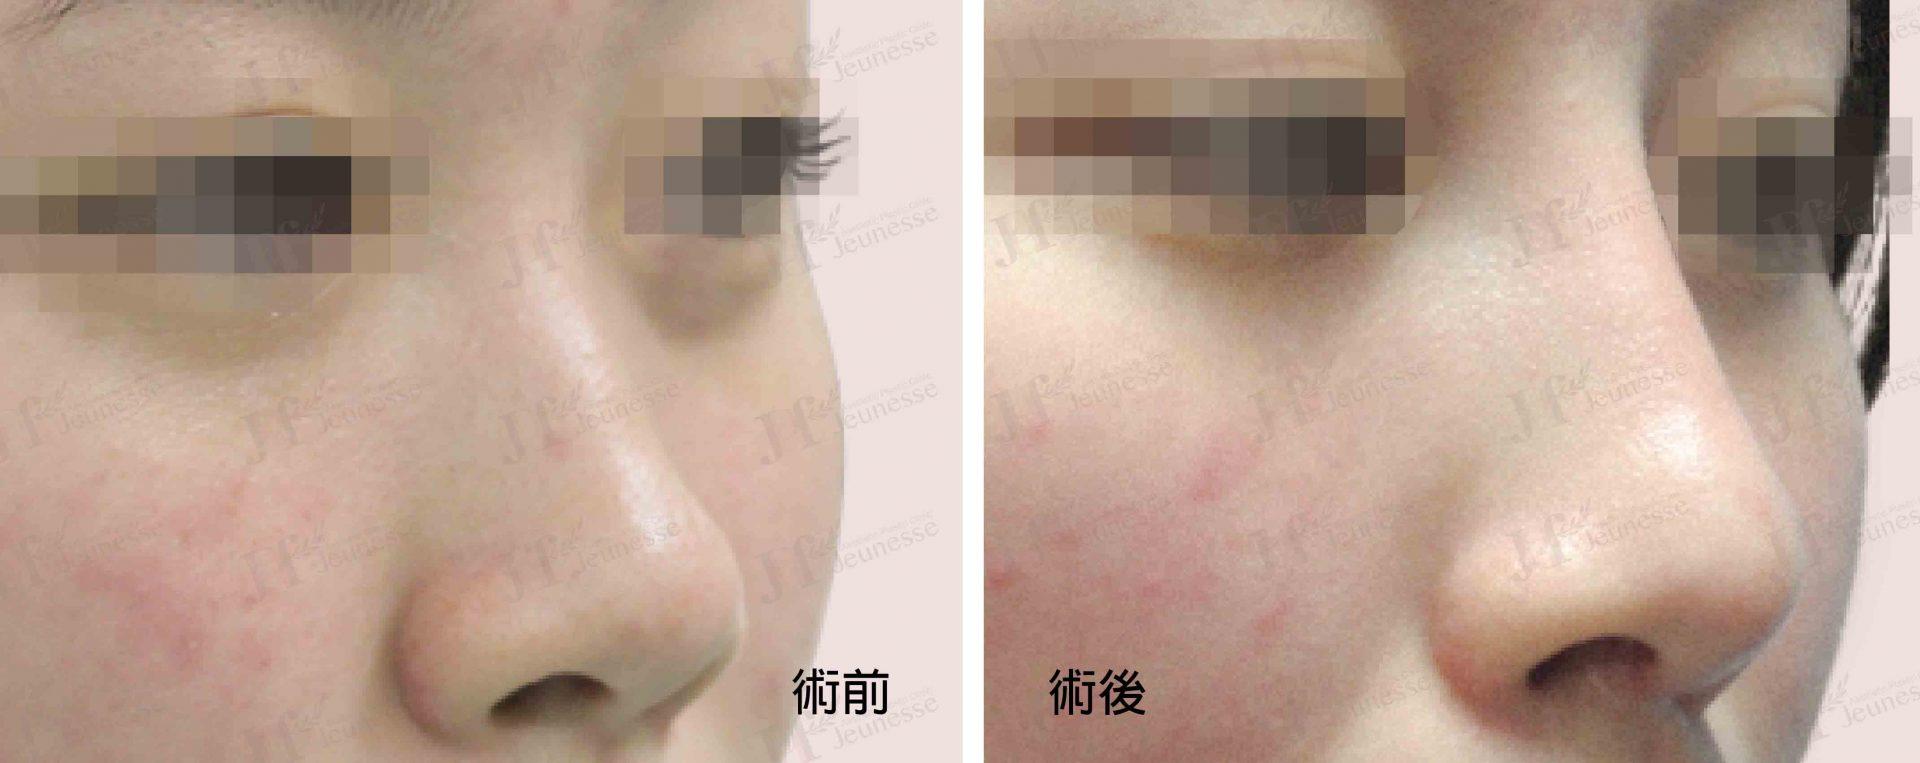 隆鼻 case1 45度-浮水印